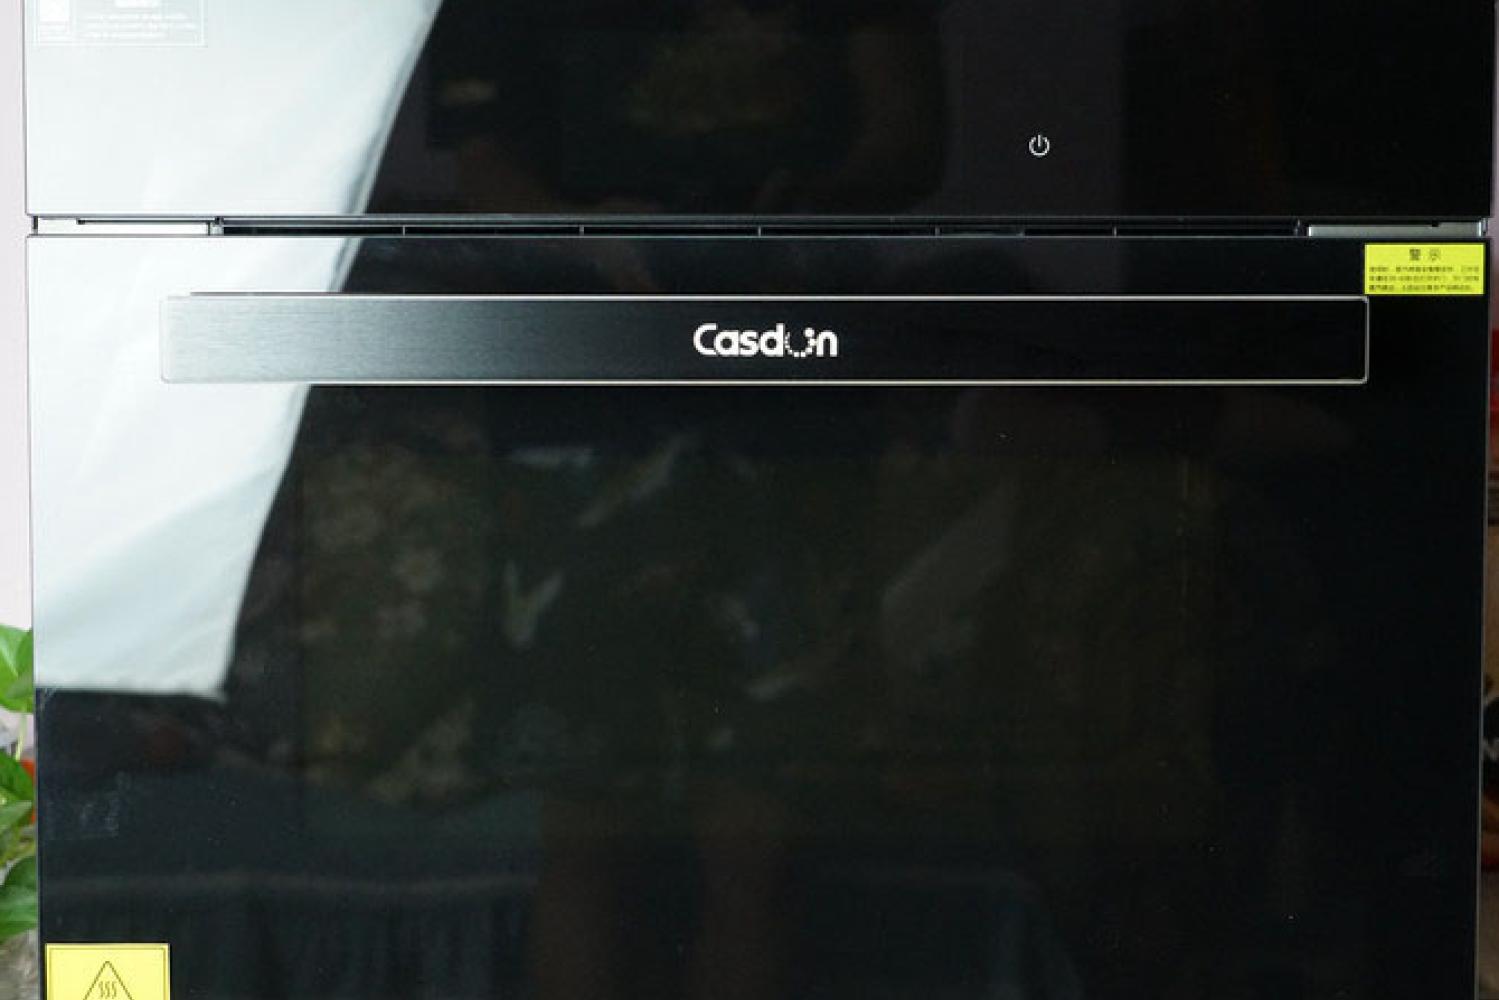 凯度高端彩屏高科技蒸烤箱SR60A-ZD使用体验!